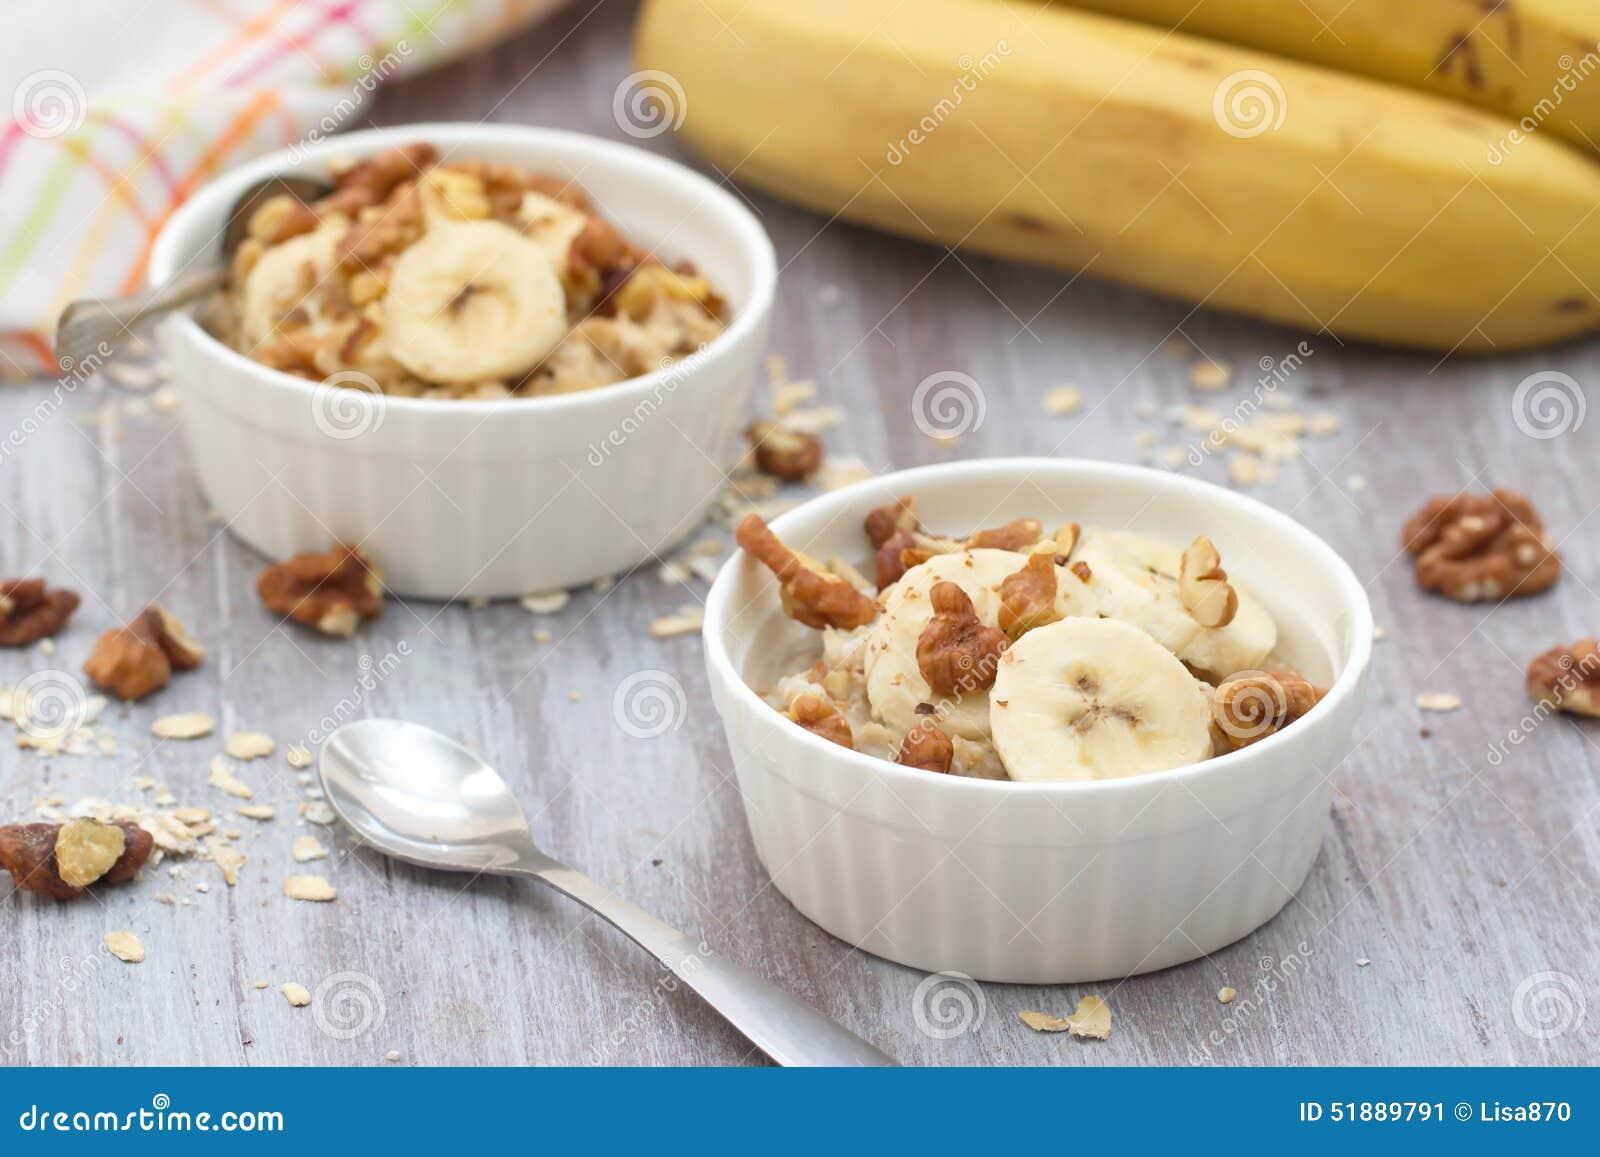 farine d 39 avoine avec la banane le miel et les noix pour le petit d jeuner image stock image. Black Bedroom Furniture Sets. Home Design Ideas